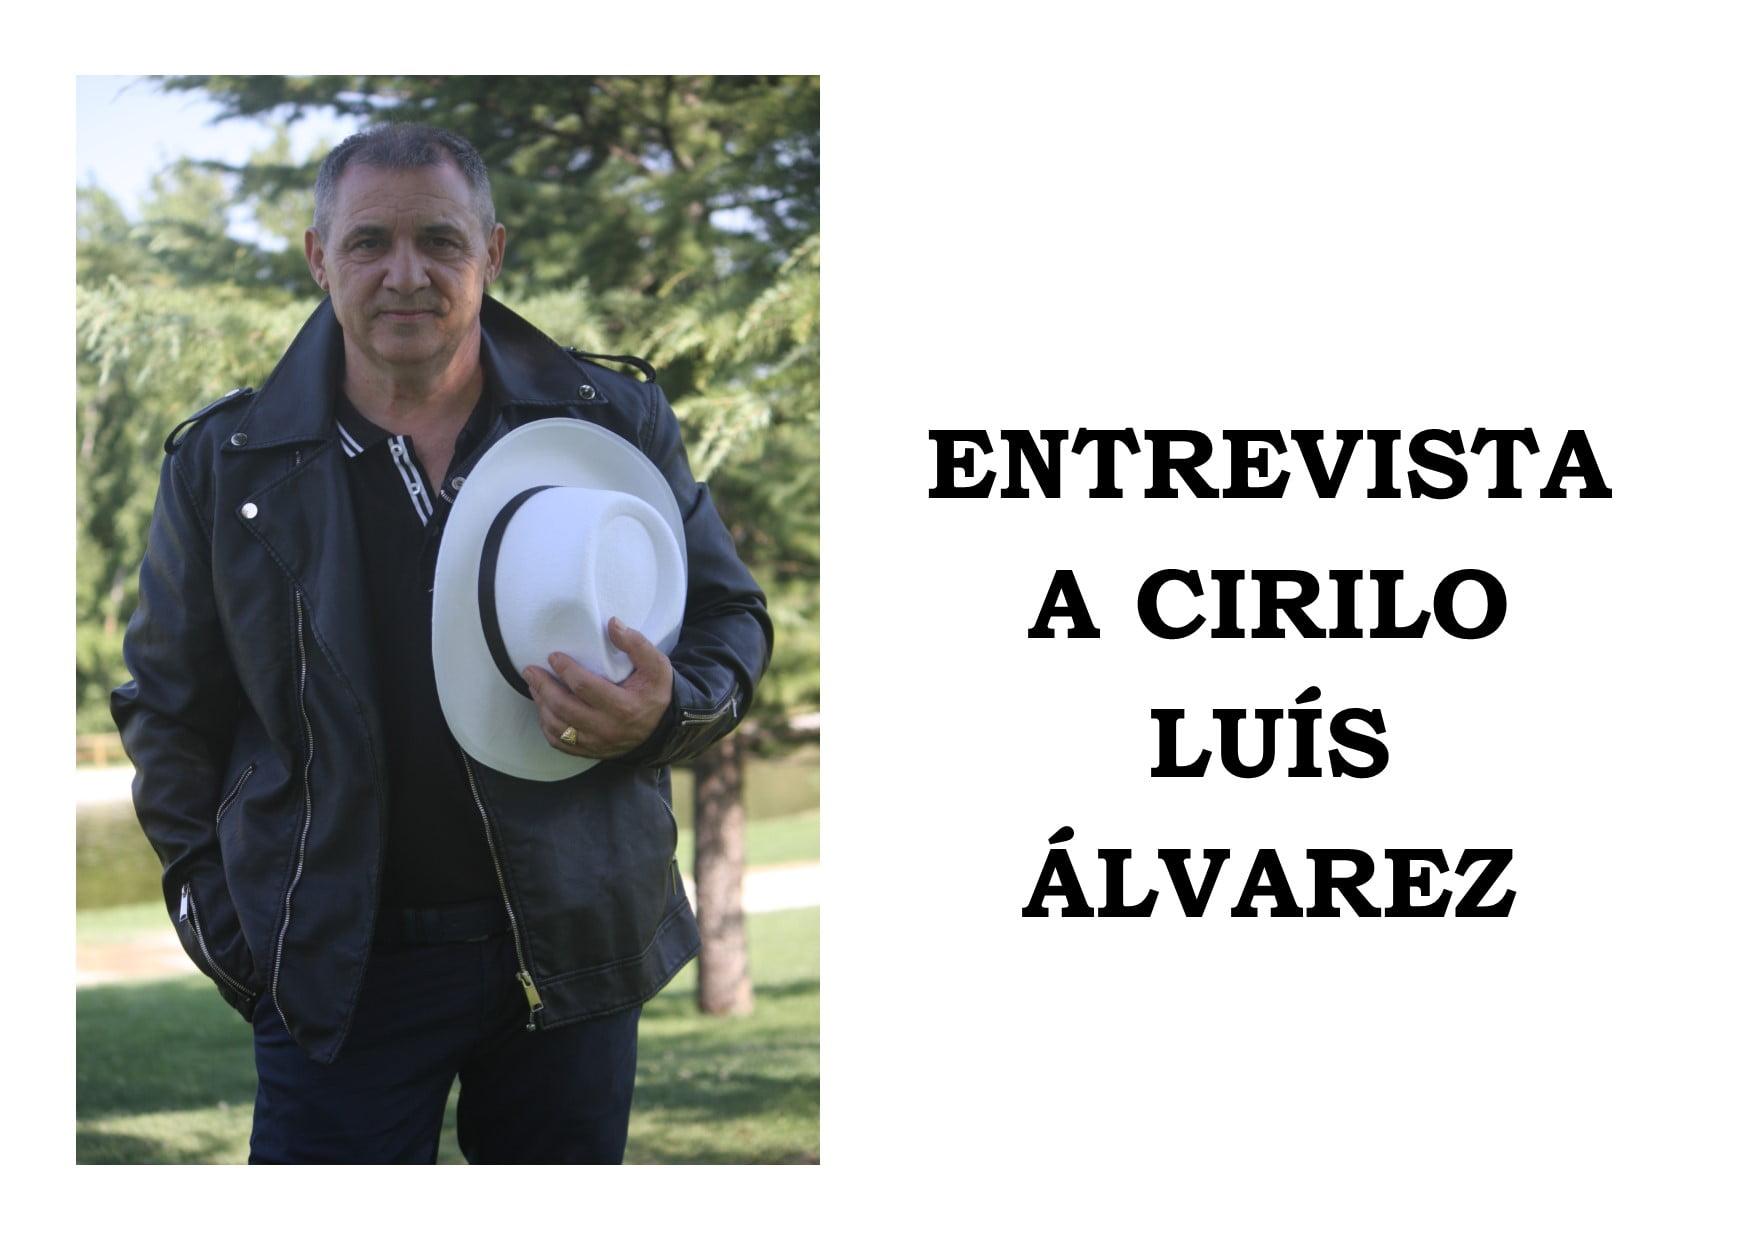 Entrevista Cirilo Luís Álvarez